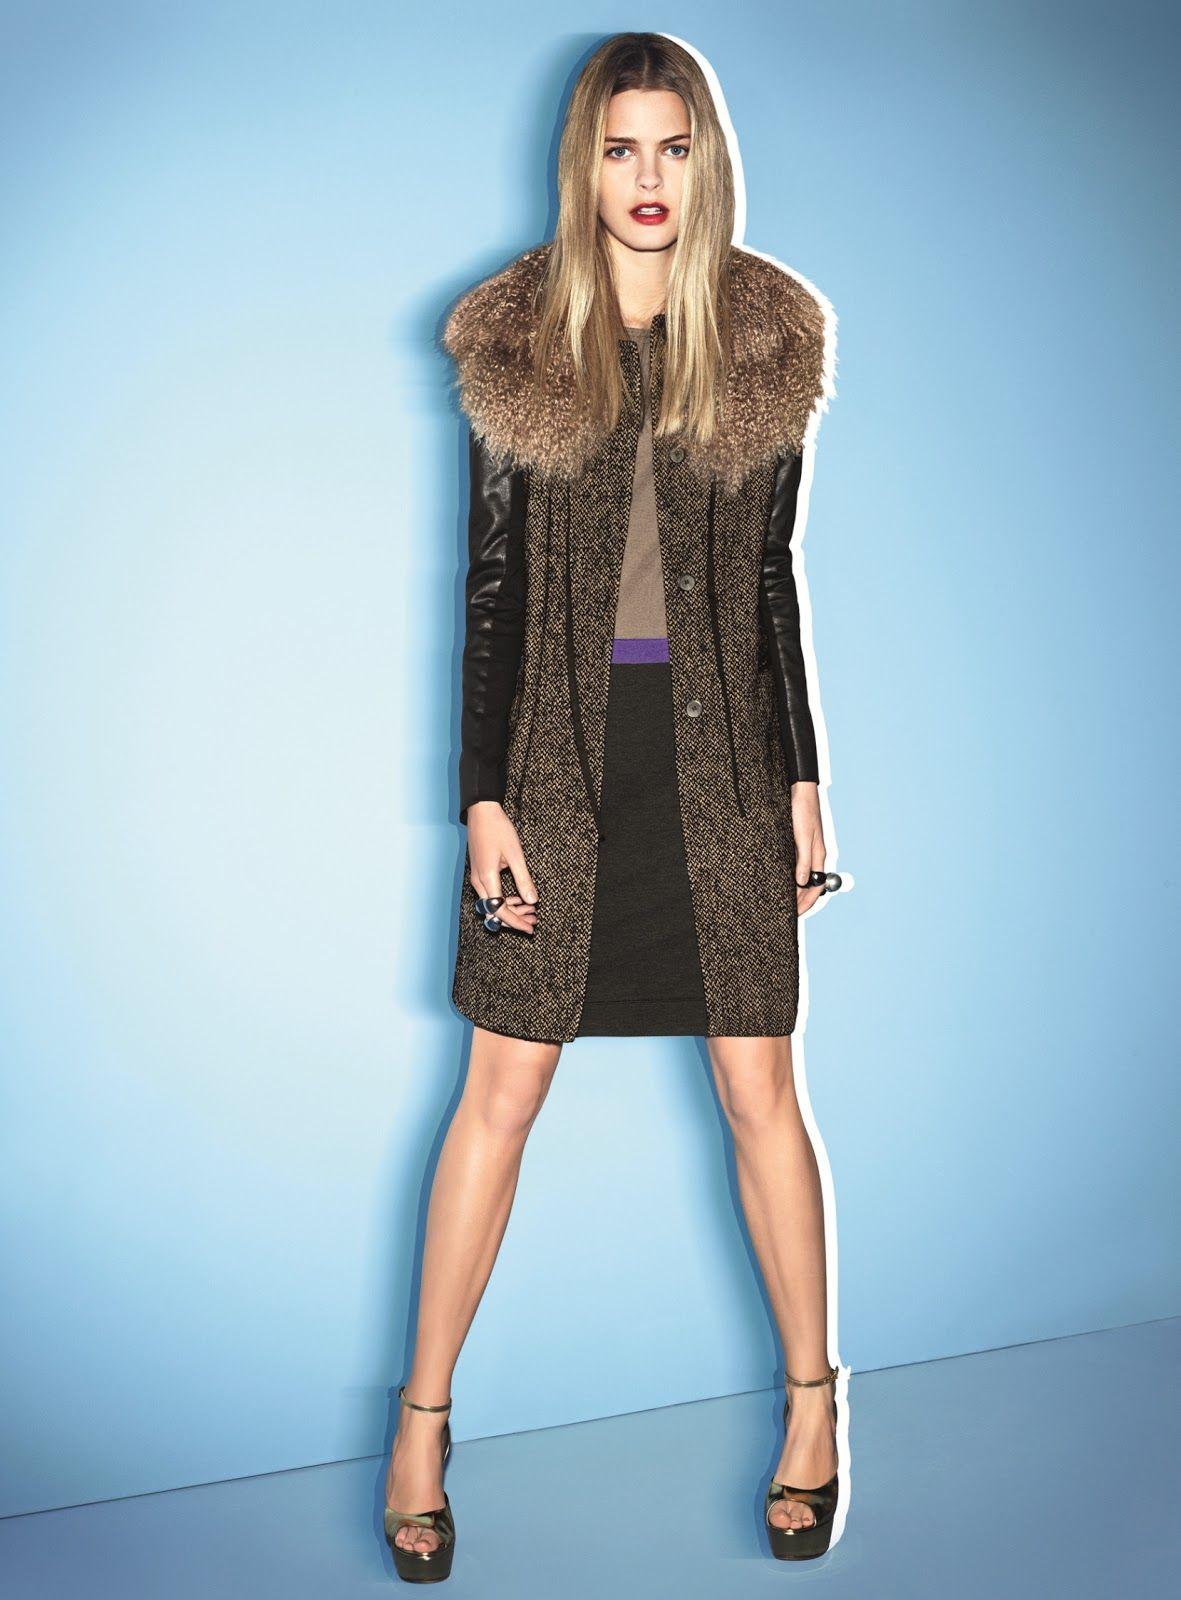 Michaela Hlavackova For Luisa Cerano F W 2012 Campaign